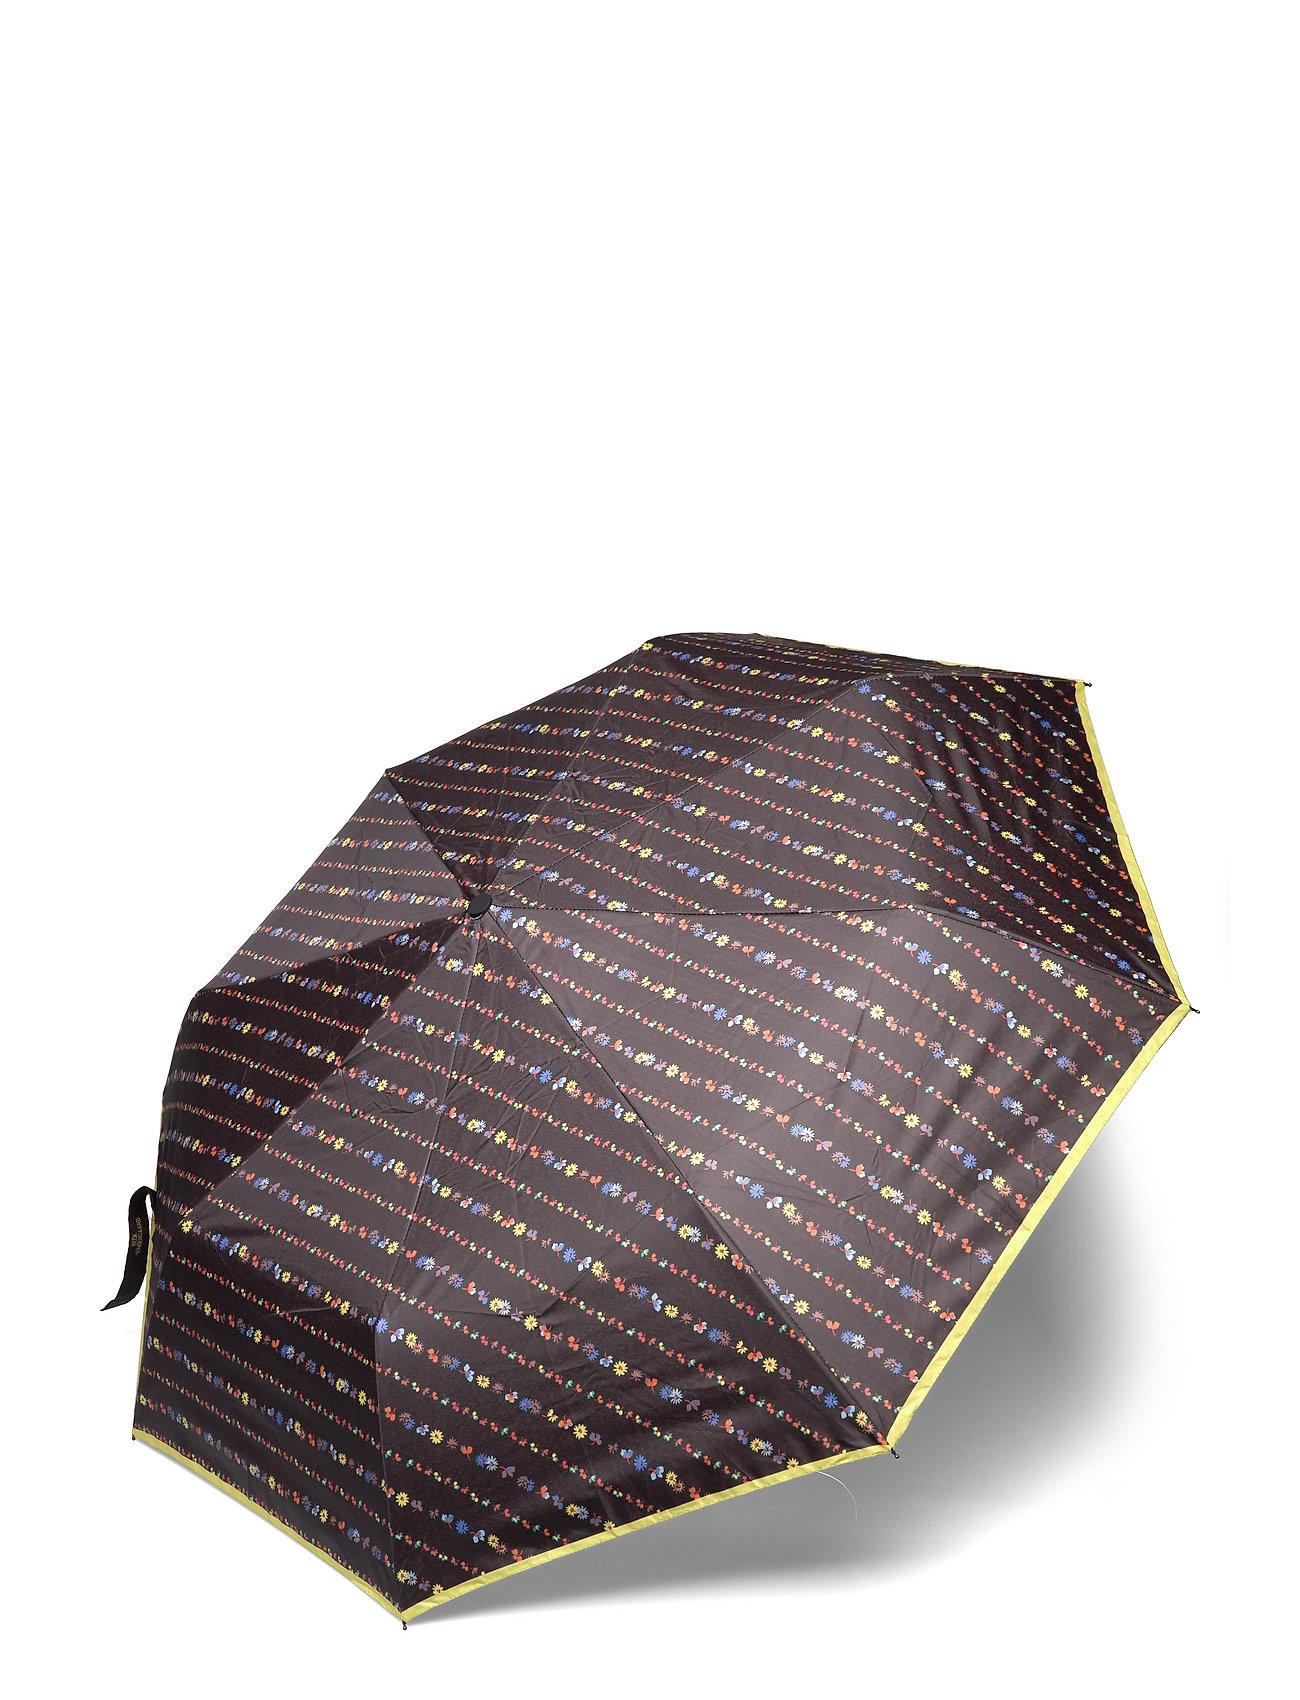 Liluye Umbrella Paraply Brun Becksöndergaard